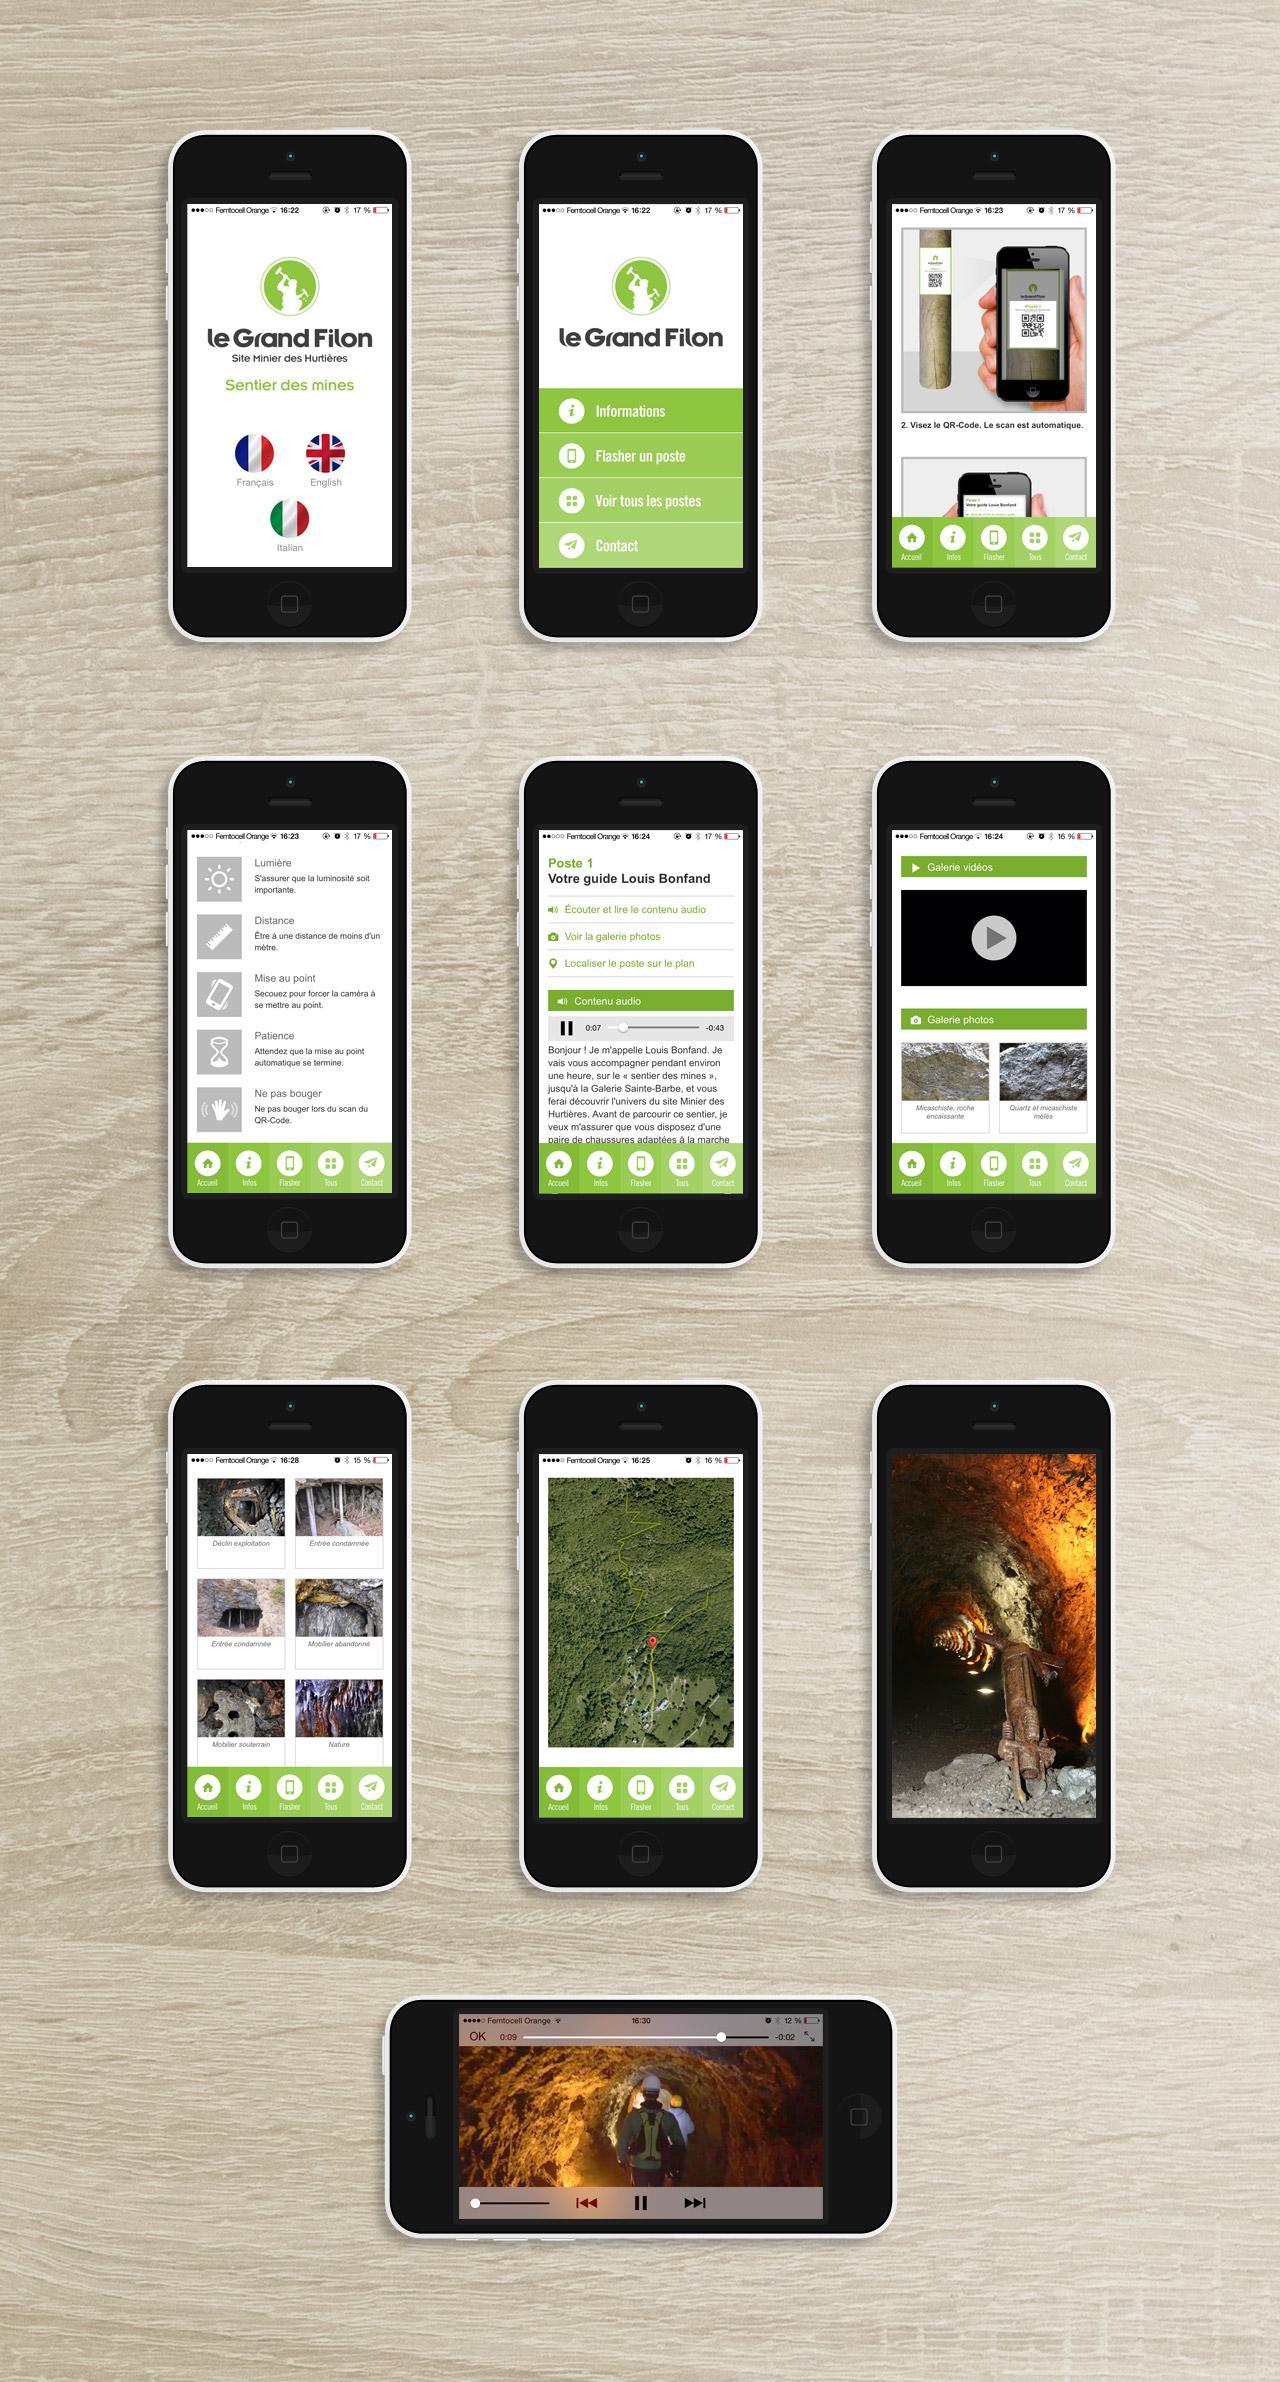 le-grand-filon-application-design-creation-communication-caconcept-alexis-cretin-graphiste